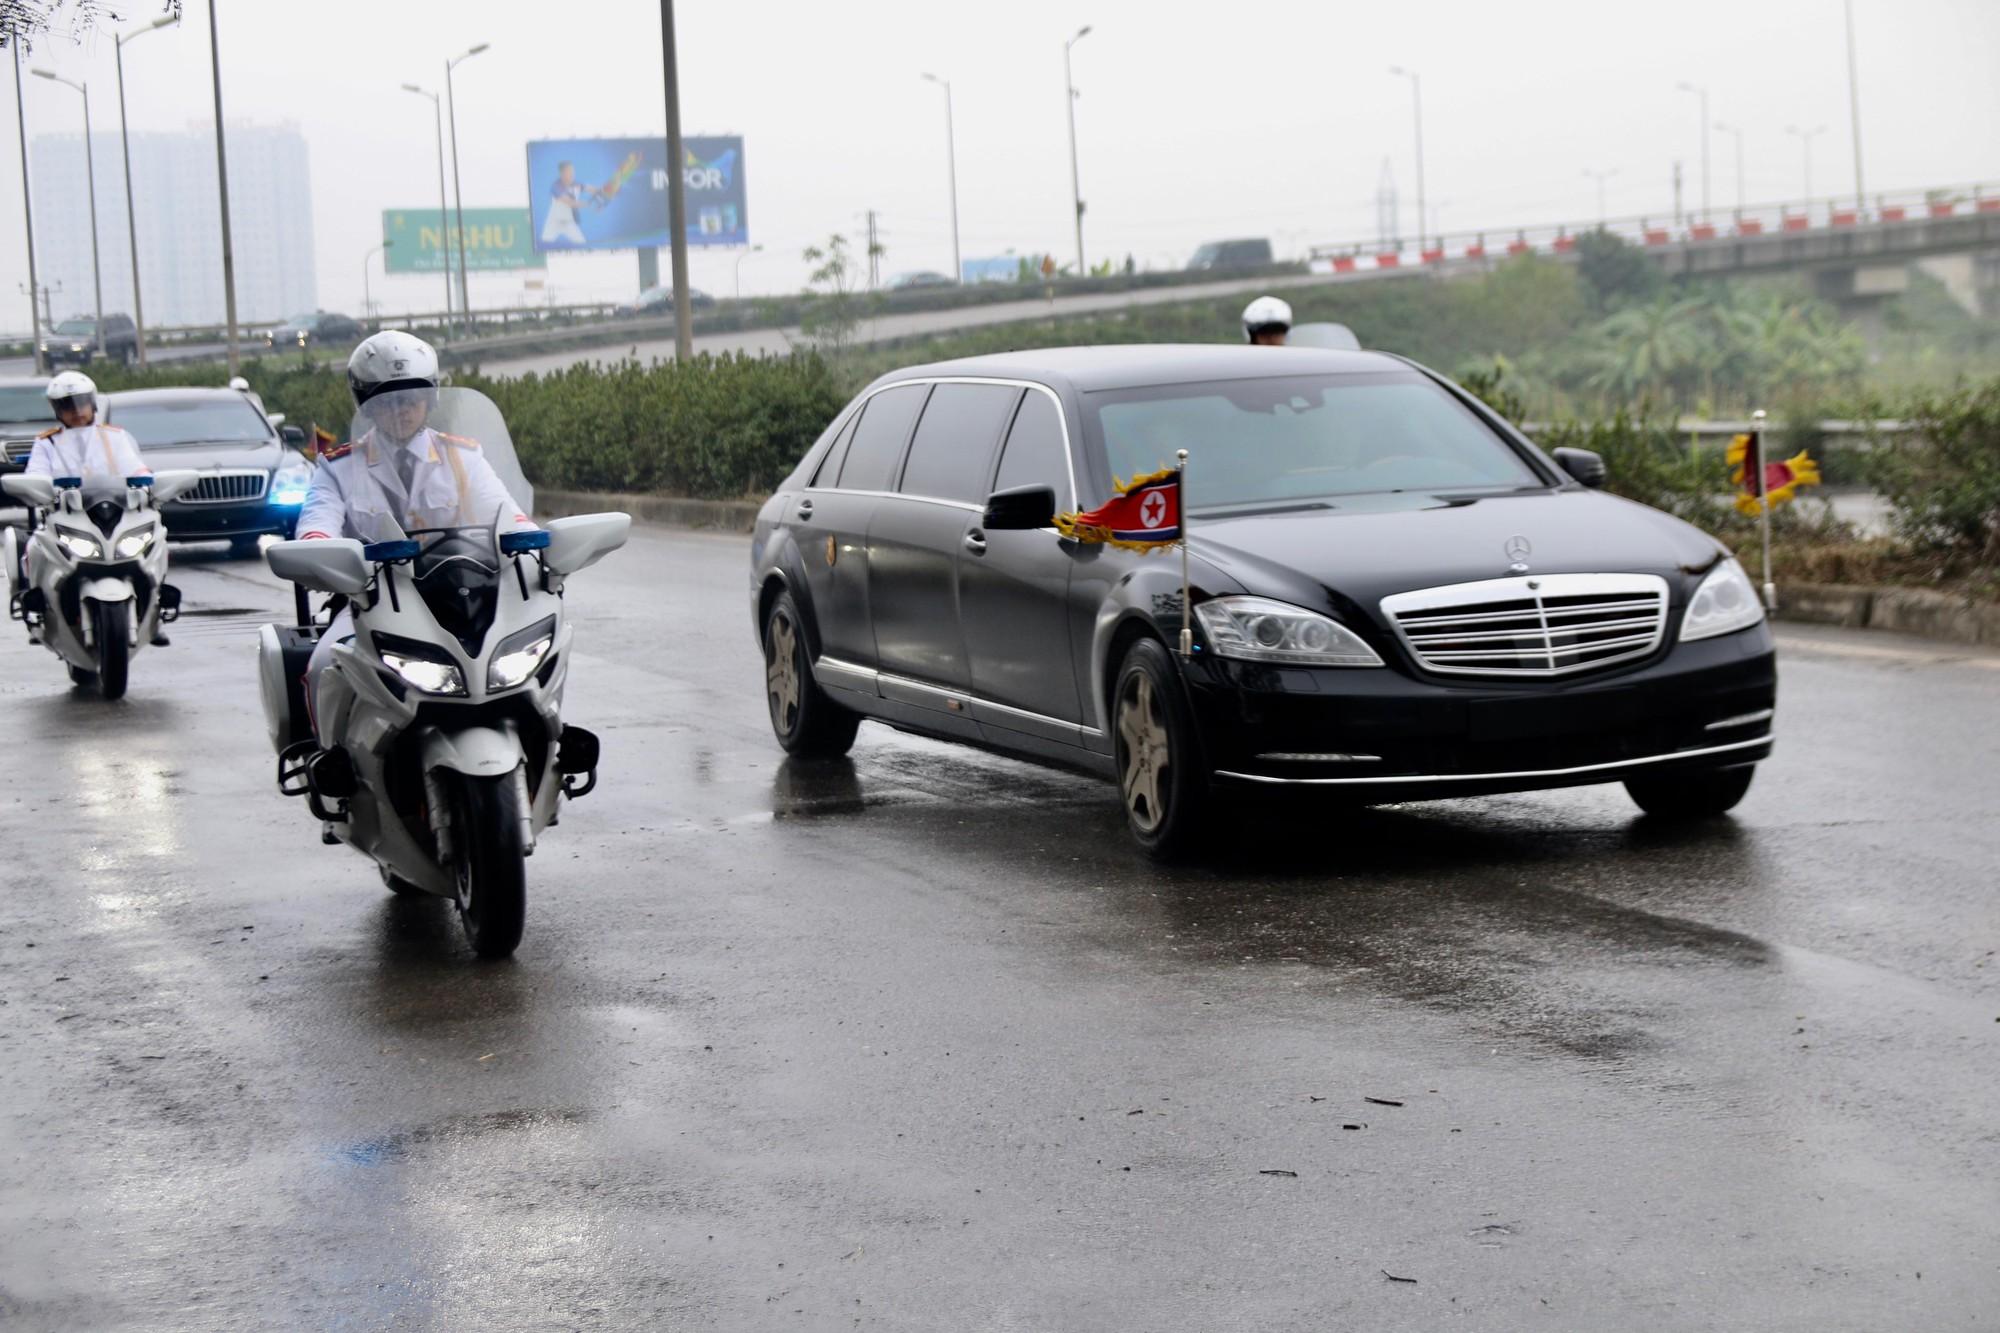 Toàn cảnh đón Chủ tịch Triều Tiên Kim Jong-un tại Việt Nam - Ảnh 21.